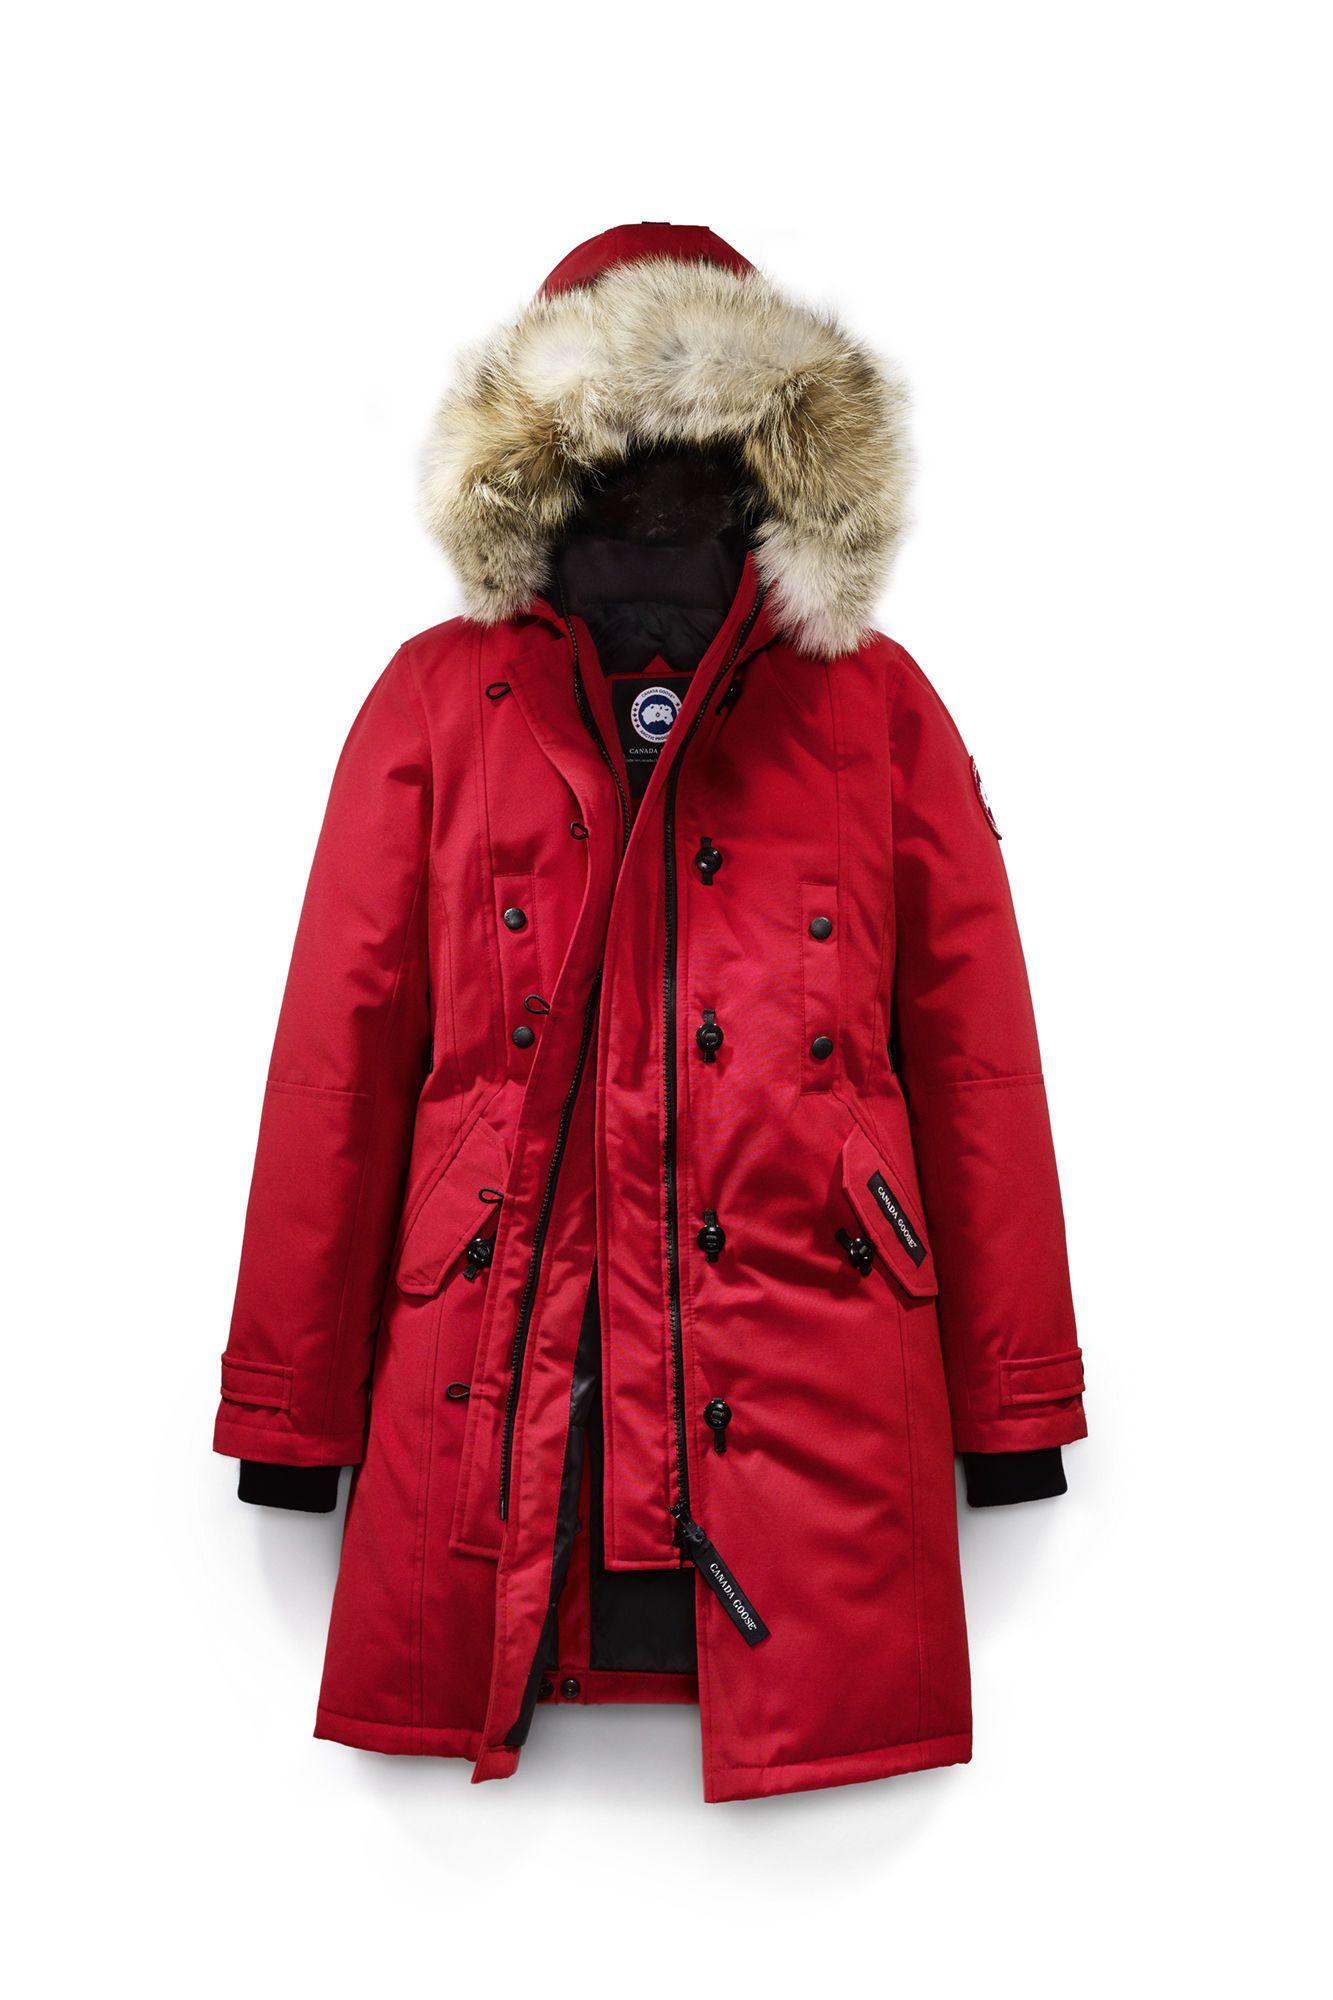 d700642fba3 Kensington Parka Fusion Fit | winter | Kensington parka, Canada ...